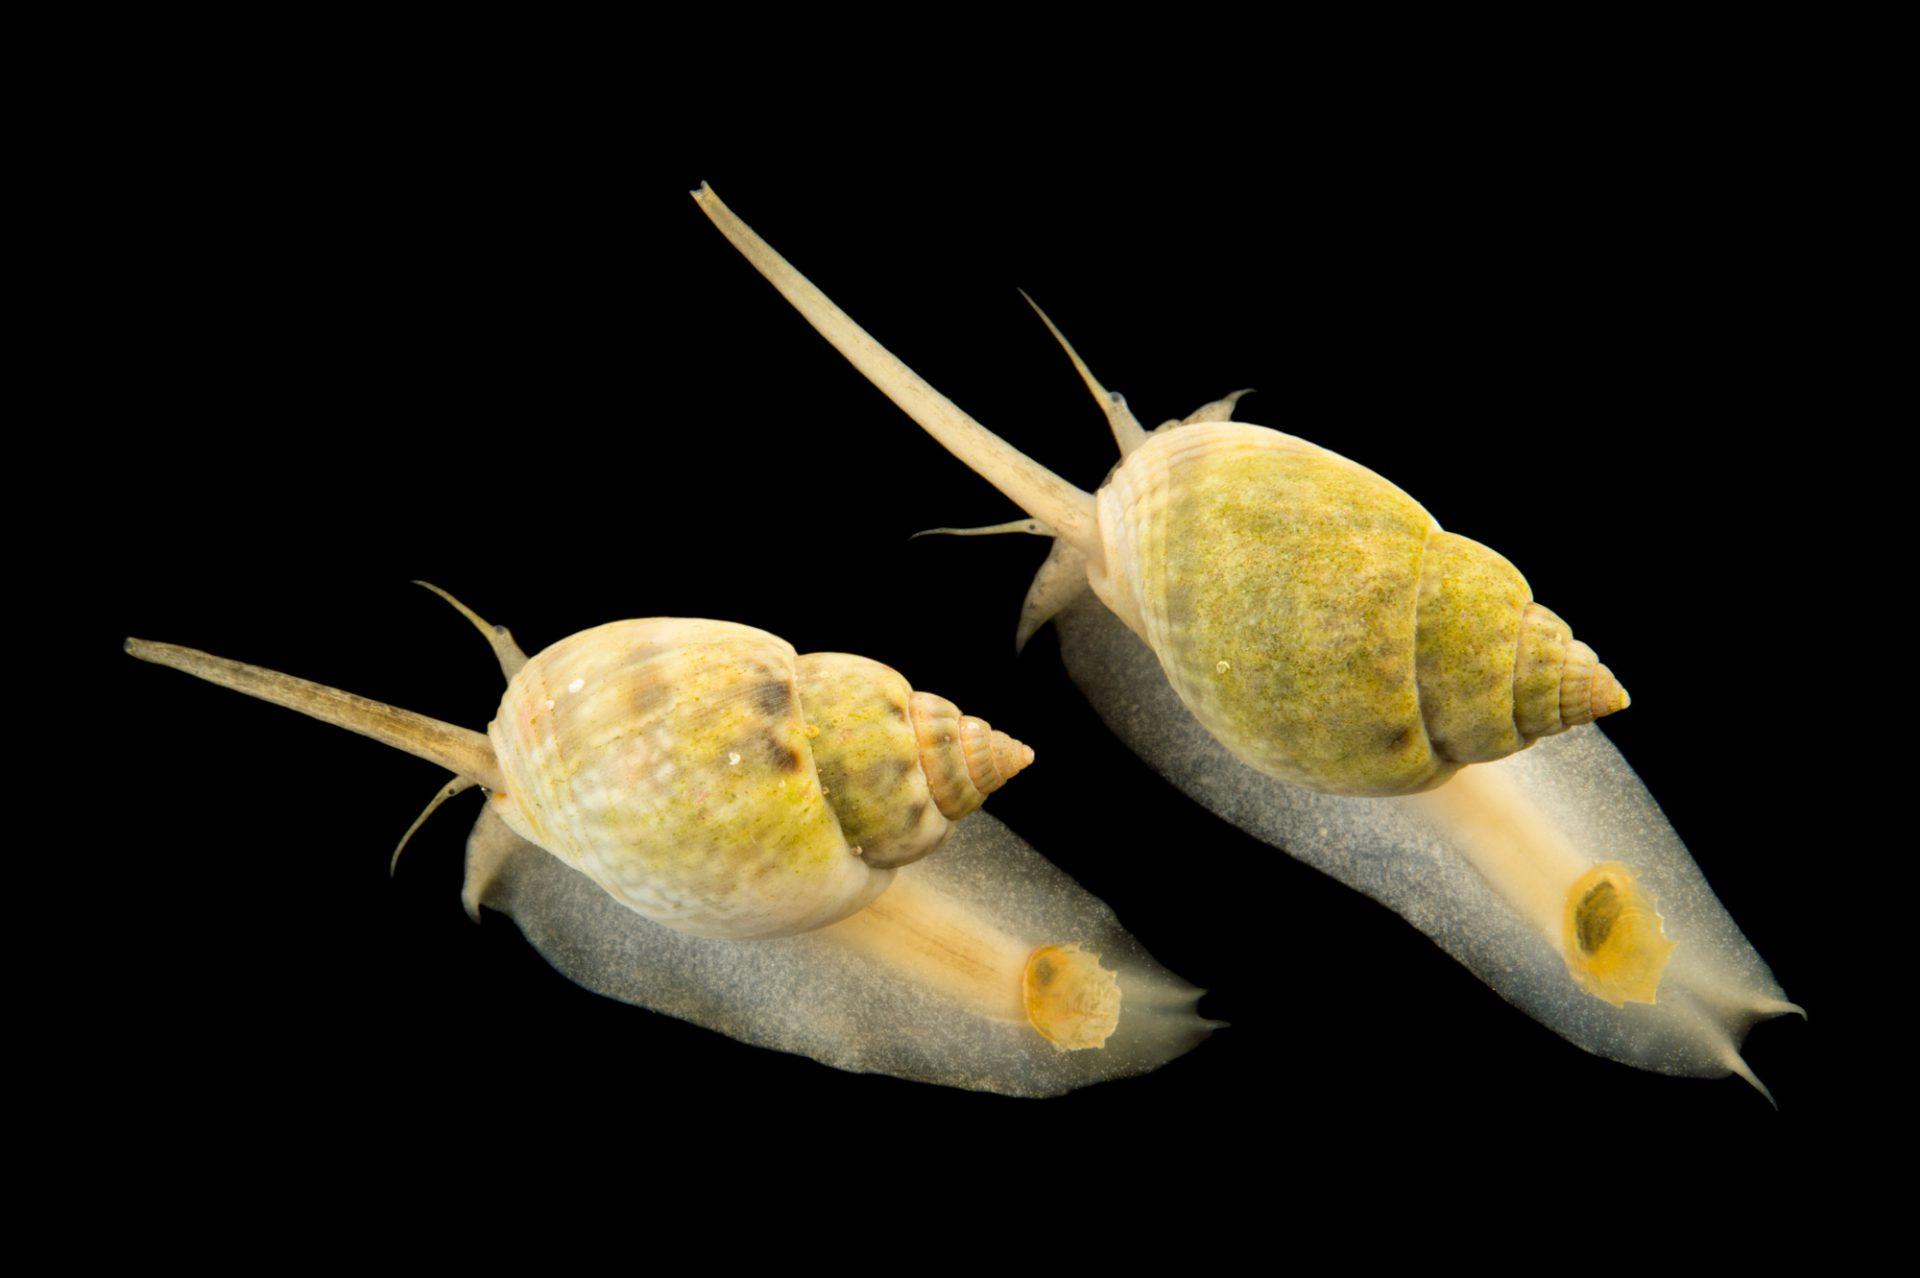 Picture of nassarius snails (Nassarius distortus) at Pure Aquariums.